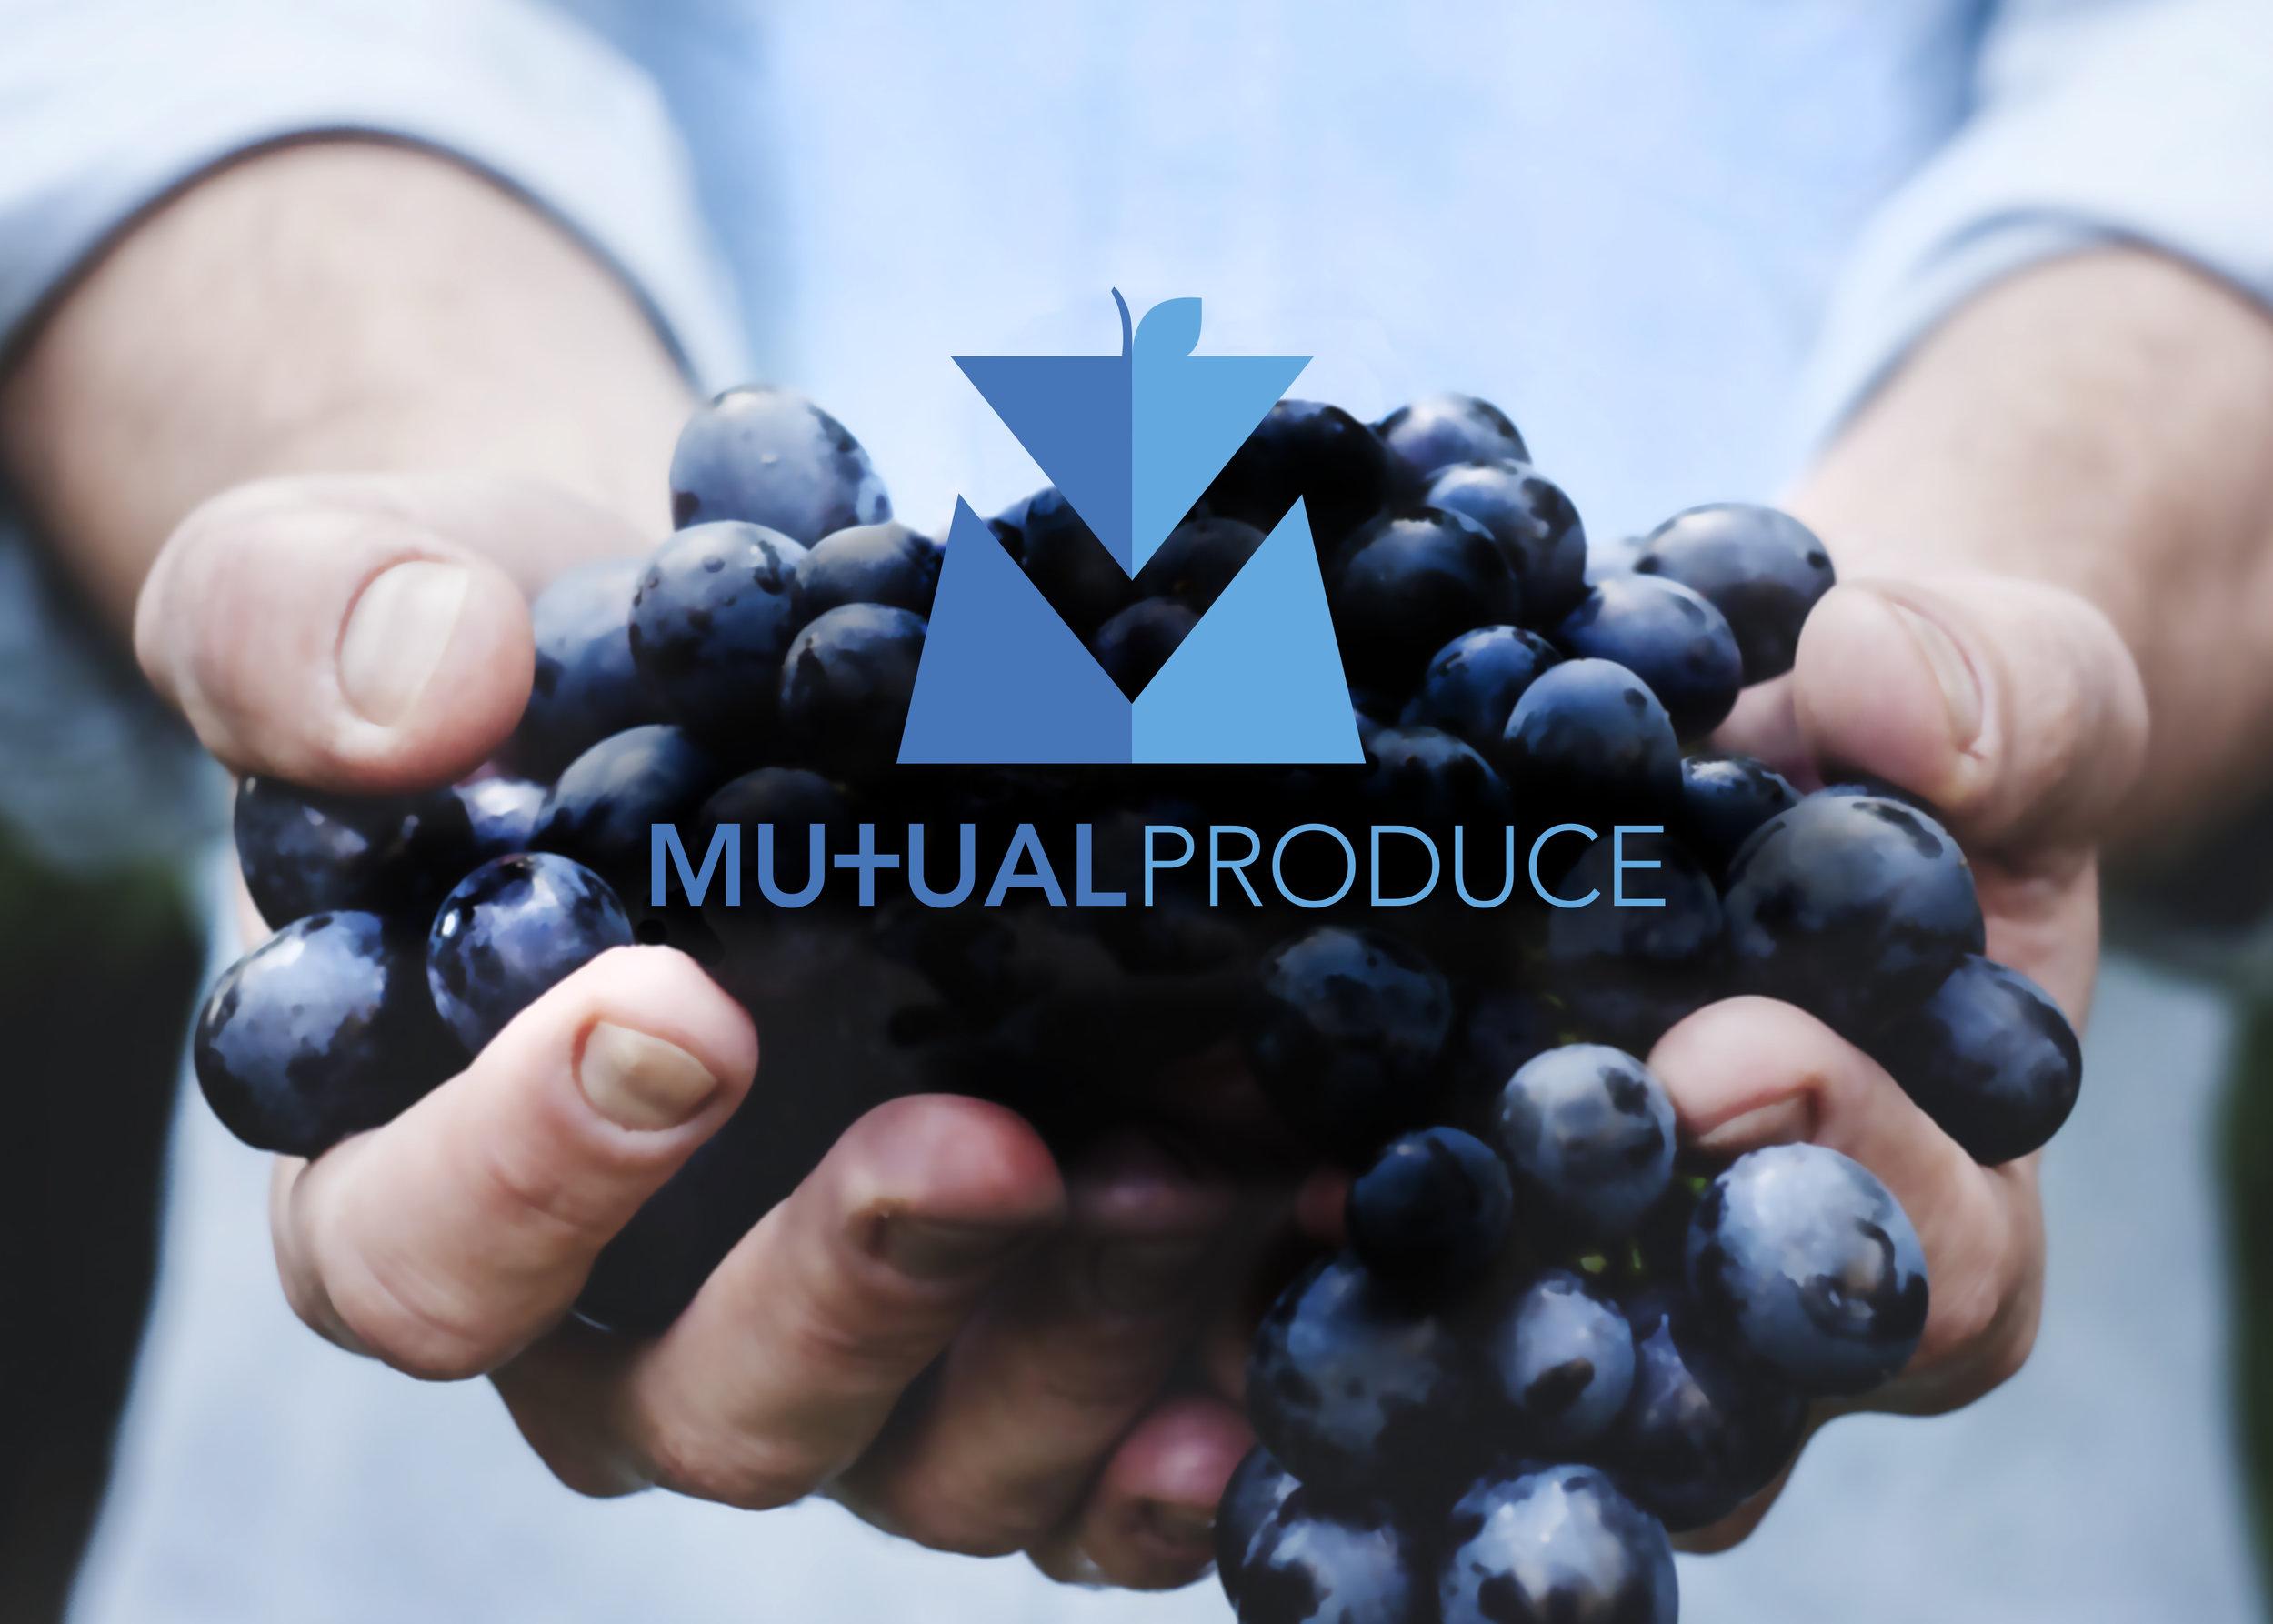 Mutual Produce Brand Identity